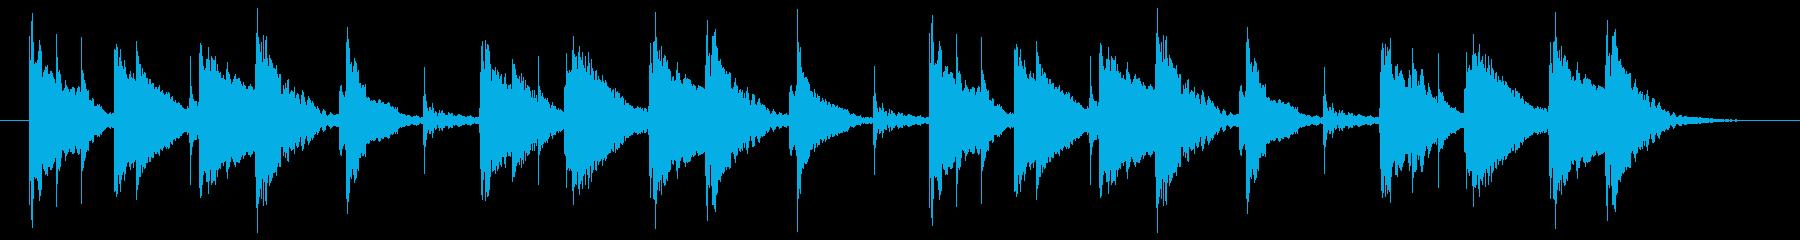 リズミカルな太鼓と木琴のポップなジングルの再生済みの波形